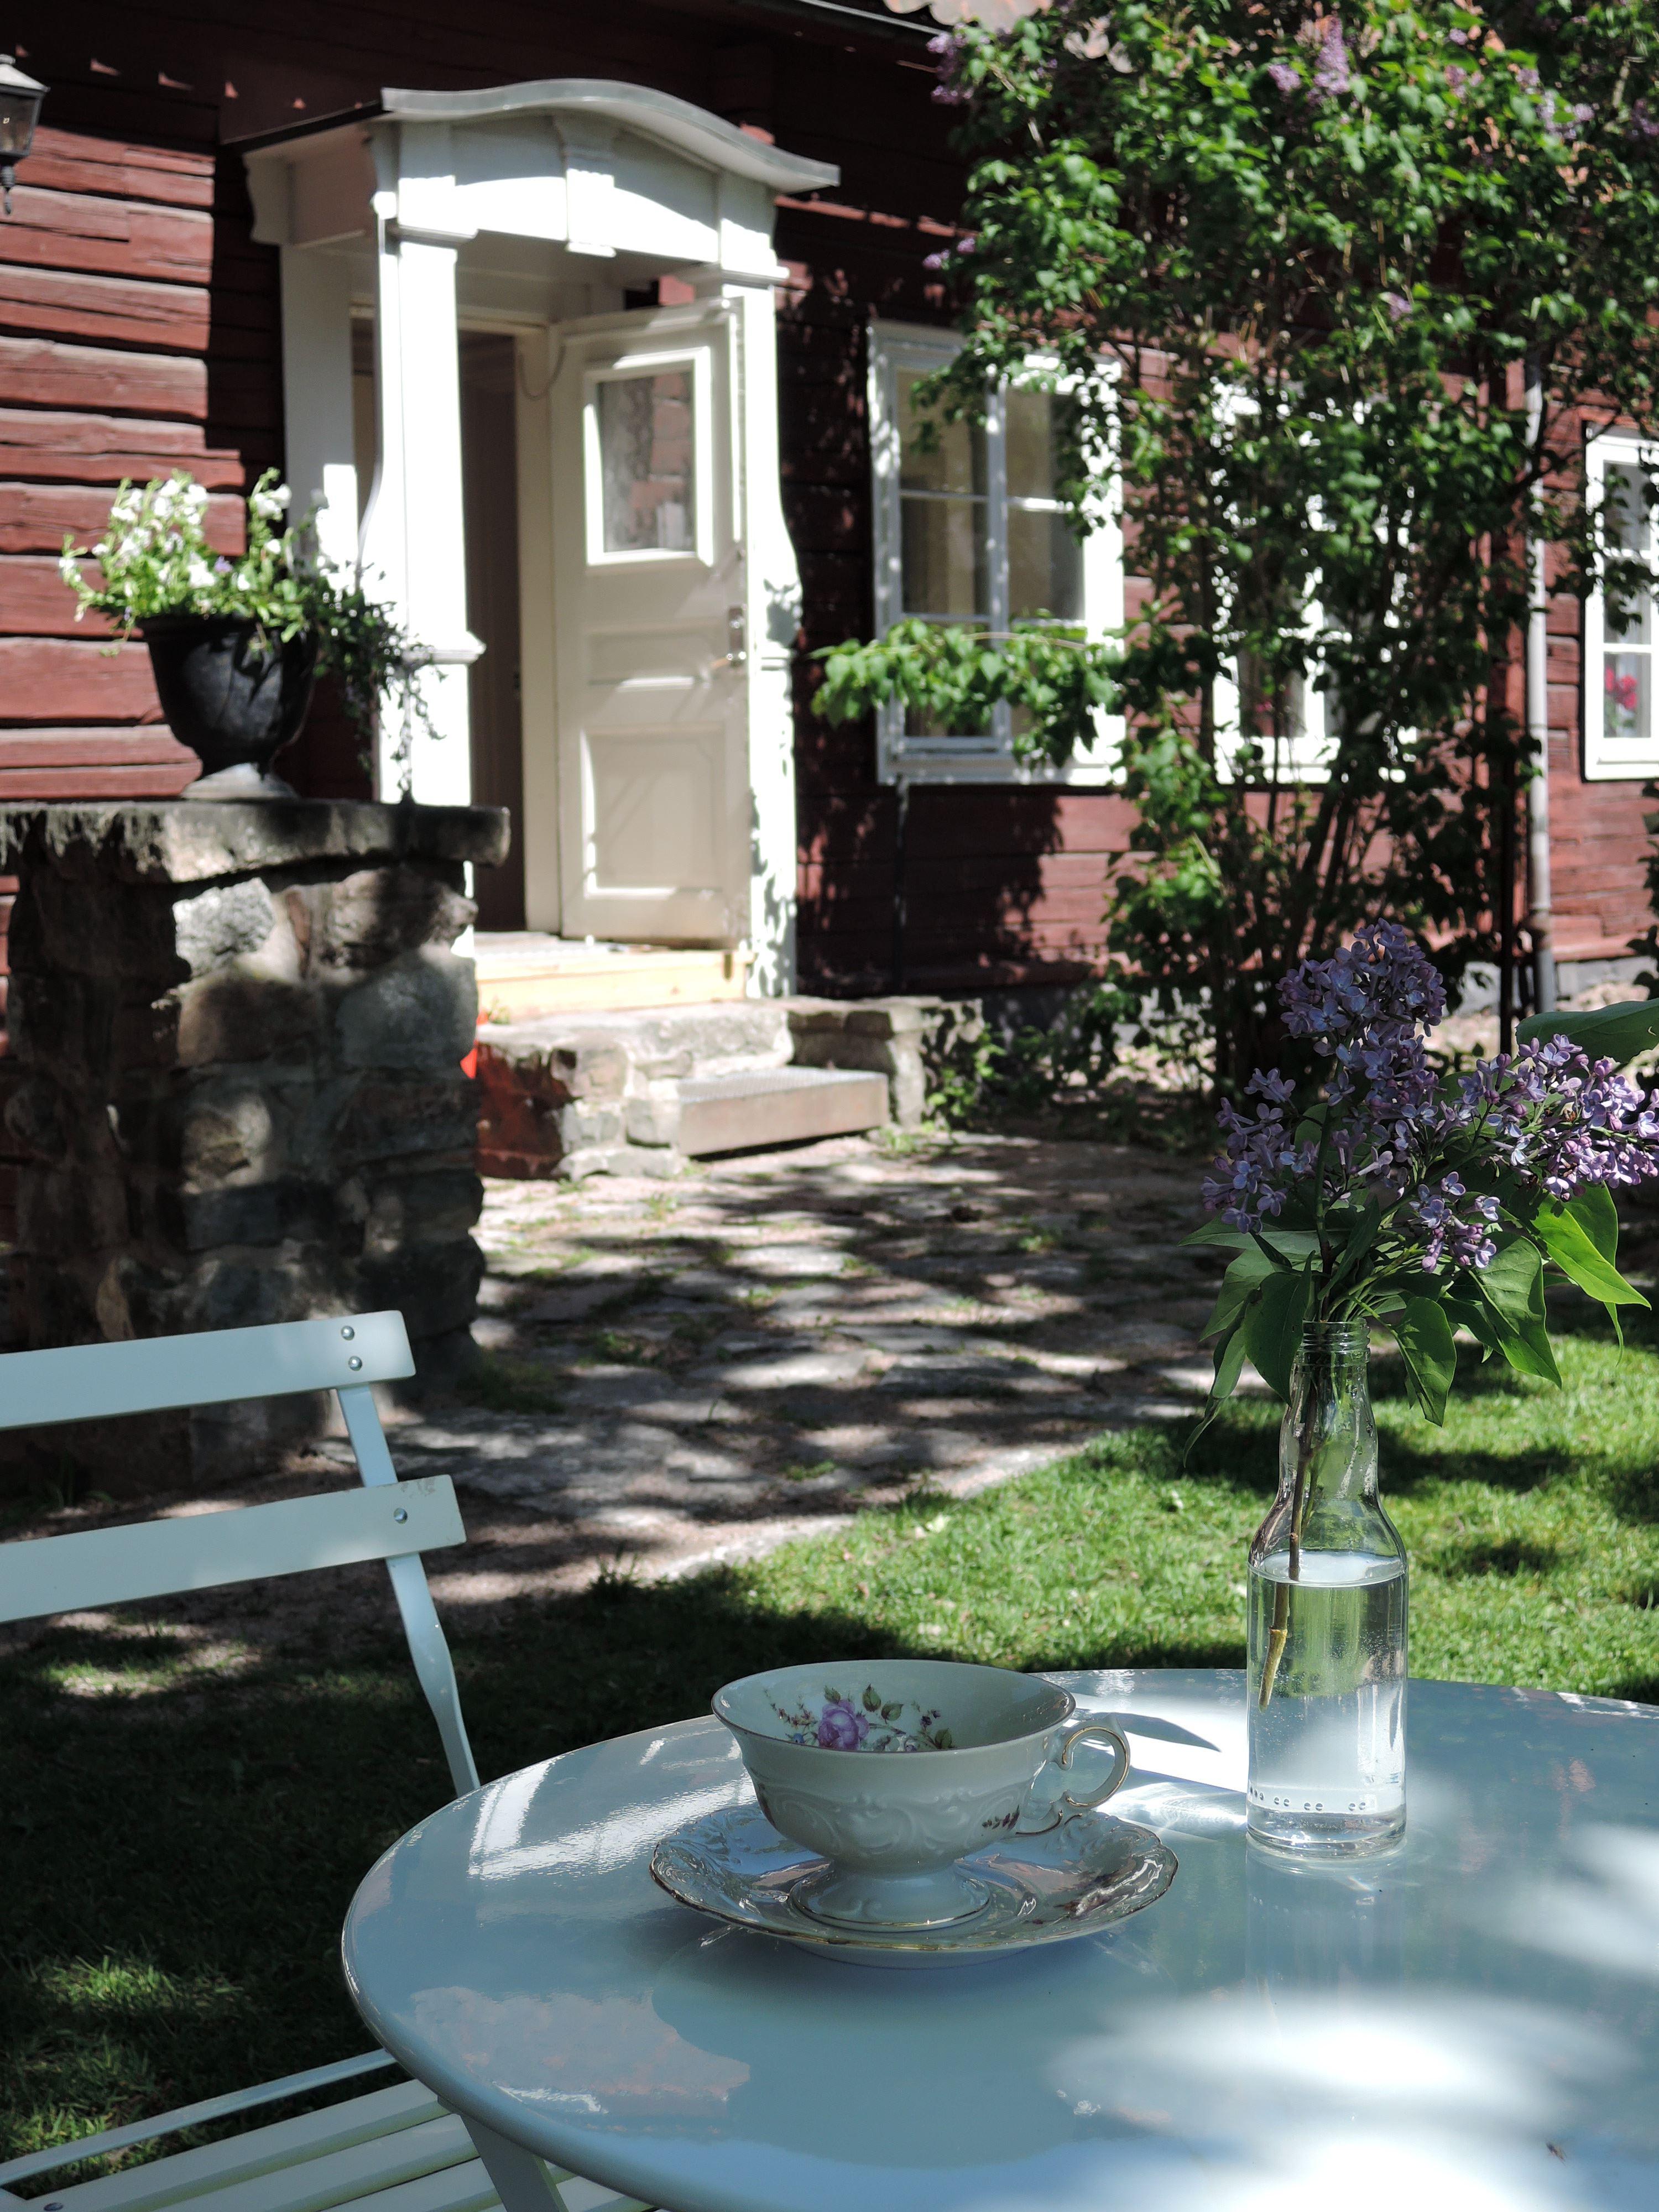 Karin Englund,  © Karin Englund, Café Wahlman